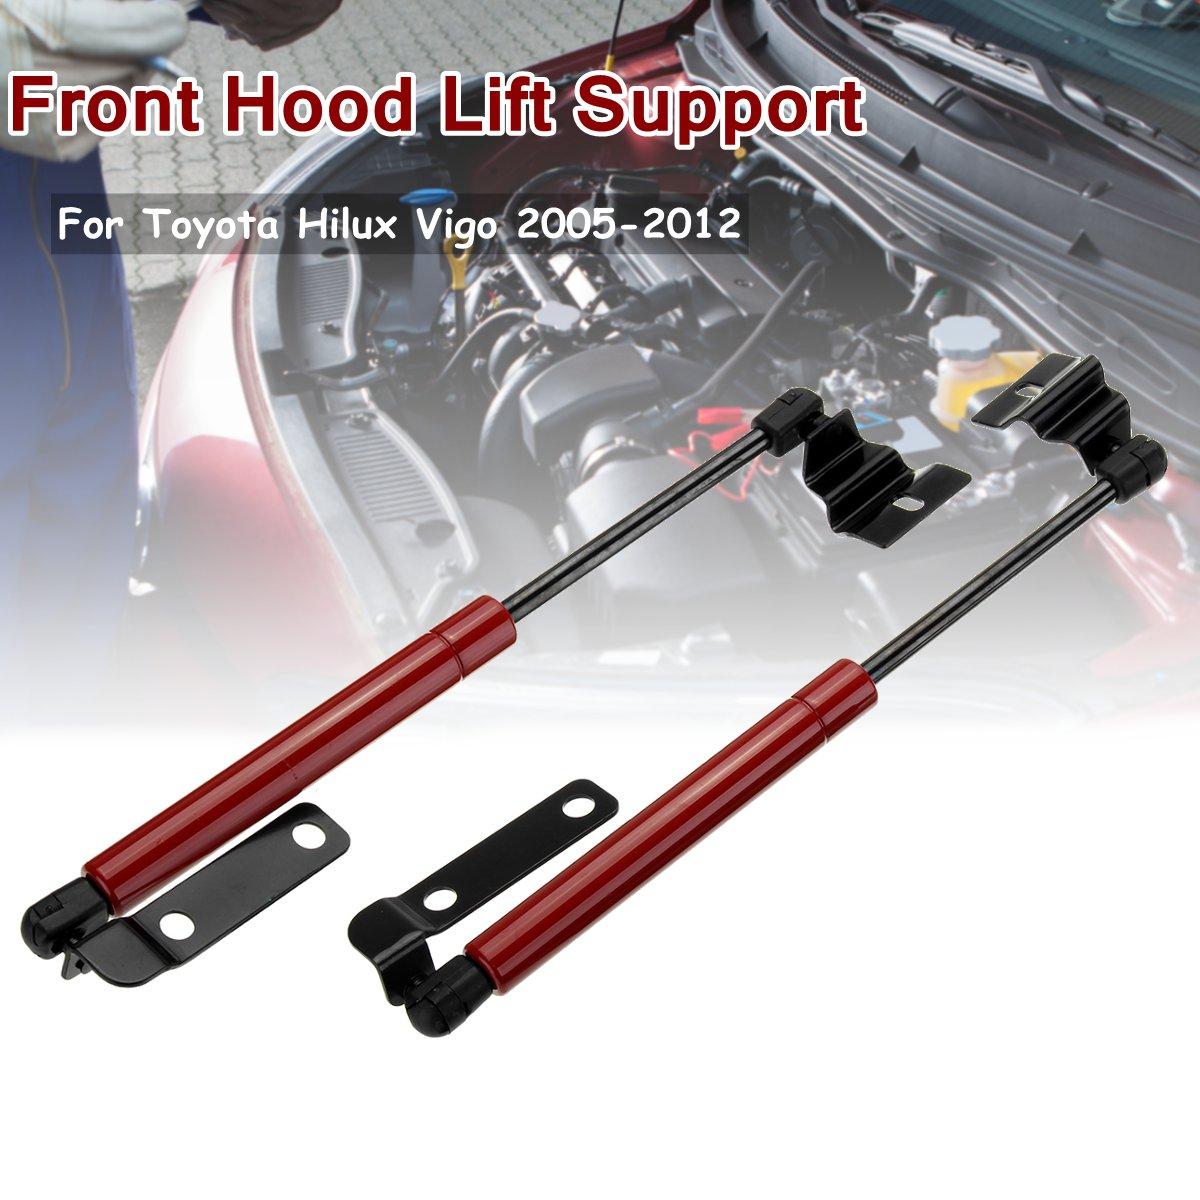 2X ön motor kapağı Bonnet Hood şok kaldırma Struts Bar destek kolu gaz hidrolik Toyota Hilux Vigo için SR5 2005 2006-2012